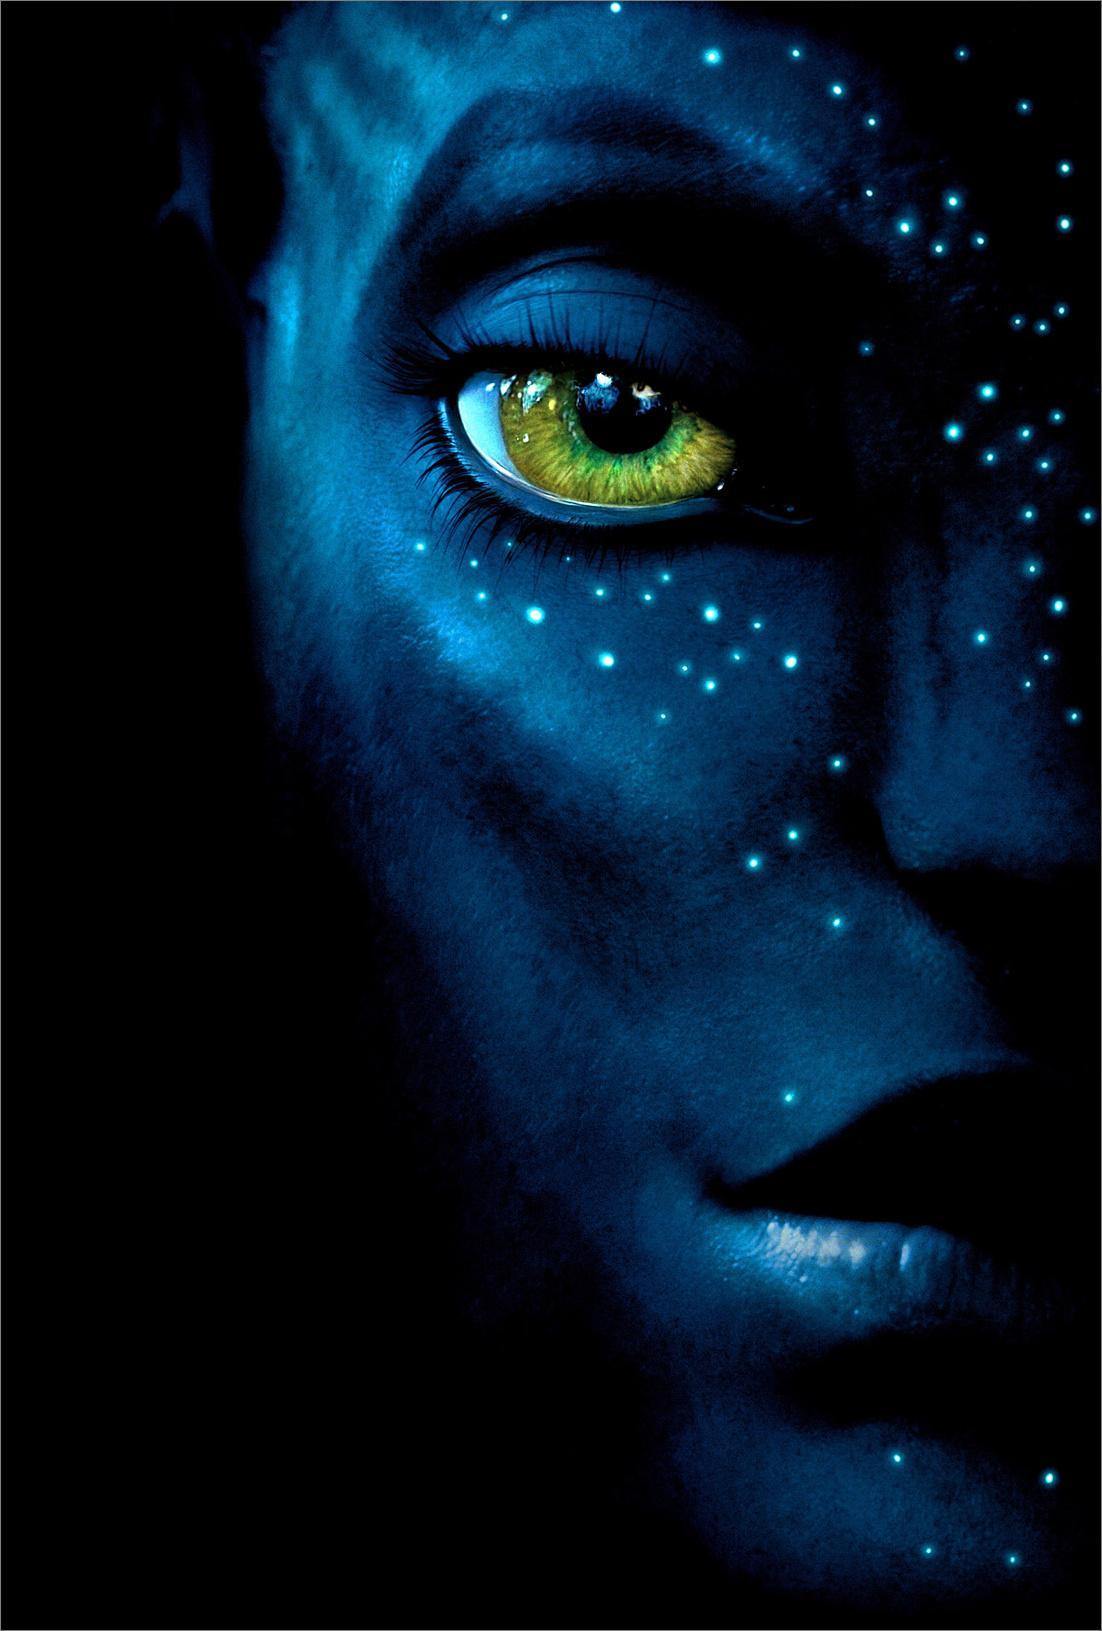 《阿凡达》avatar全球宣传高清海报